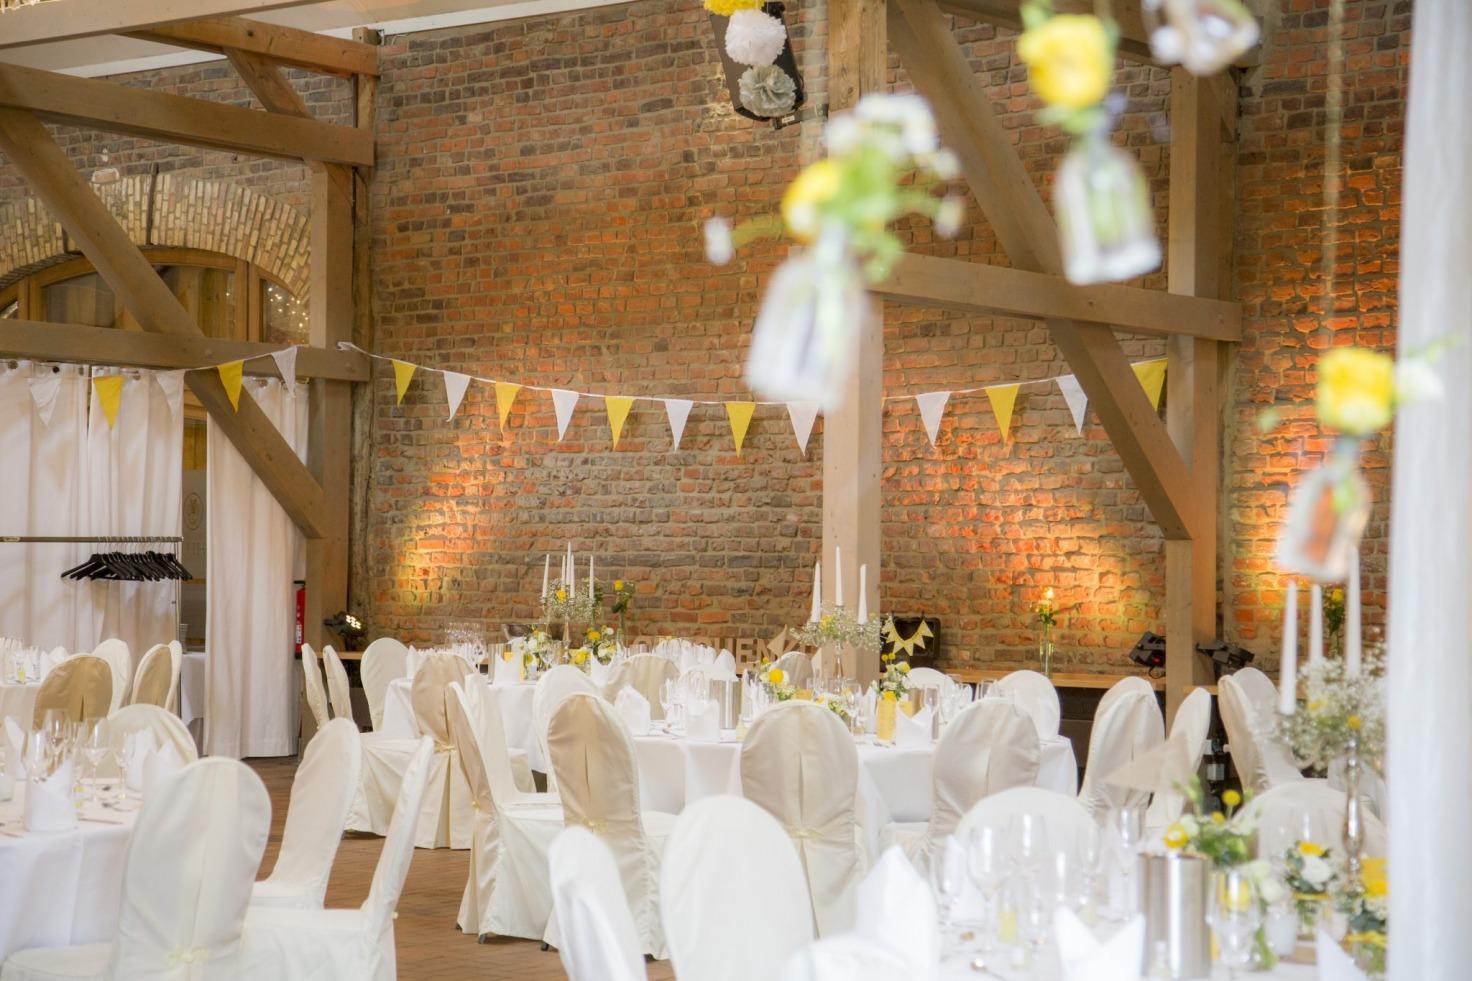 Hochzeit von Jannine und Christian in Münster: Eingedeckte Tische